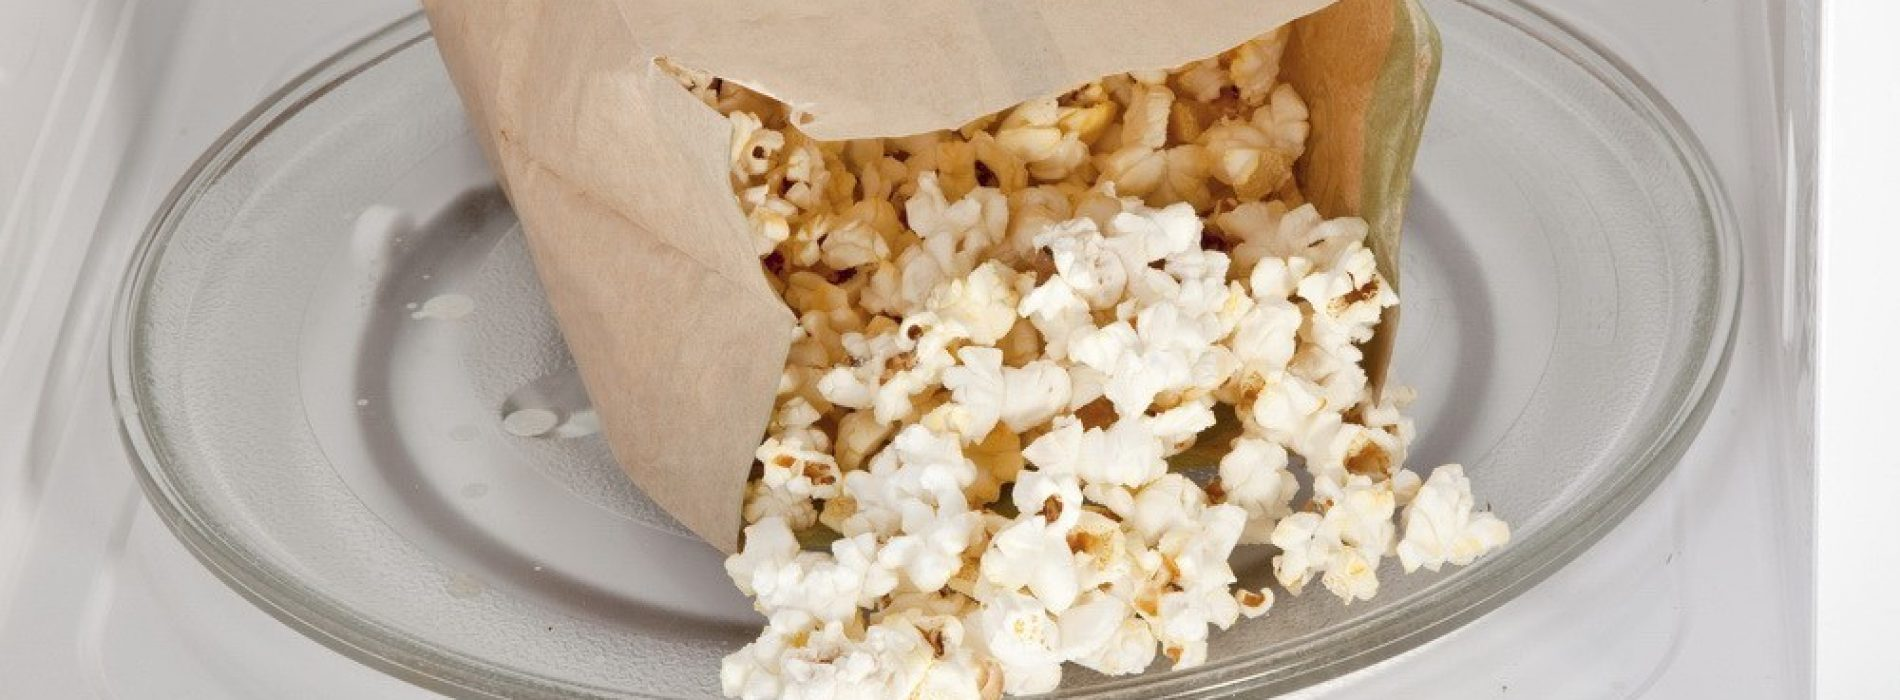 10 kanker veroorzakende voedingsmiddelen die je waarschijnlijk elke dag eet – eet deze NOOIT meer!